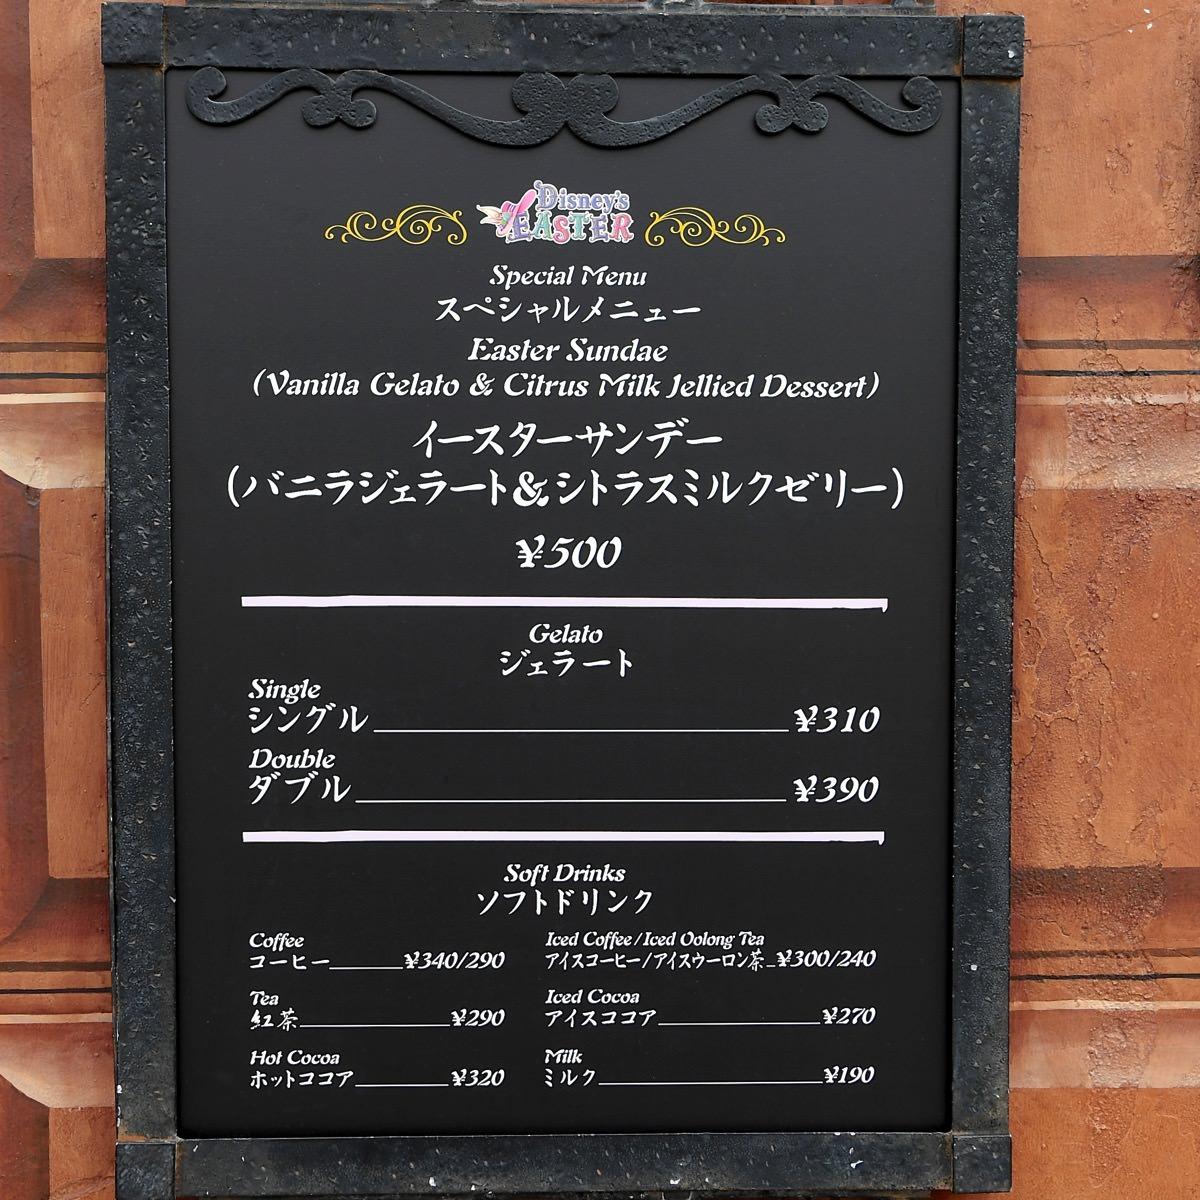 ゴンドリエ・スナック イースターサンデー(バニラジェラート&シトラスミルクゼリー)